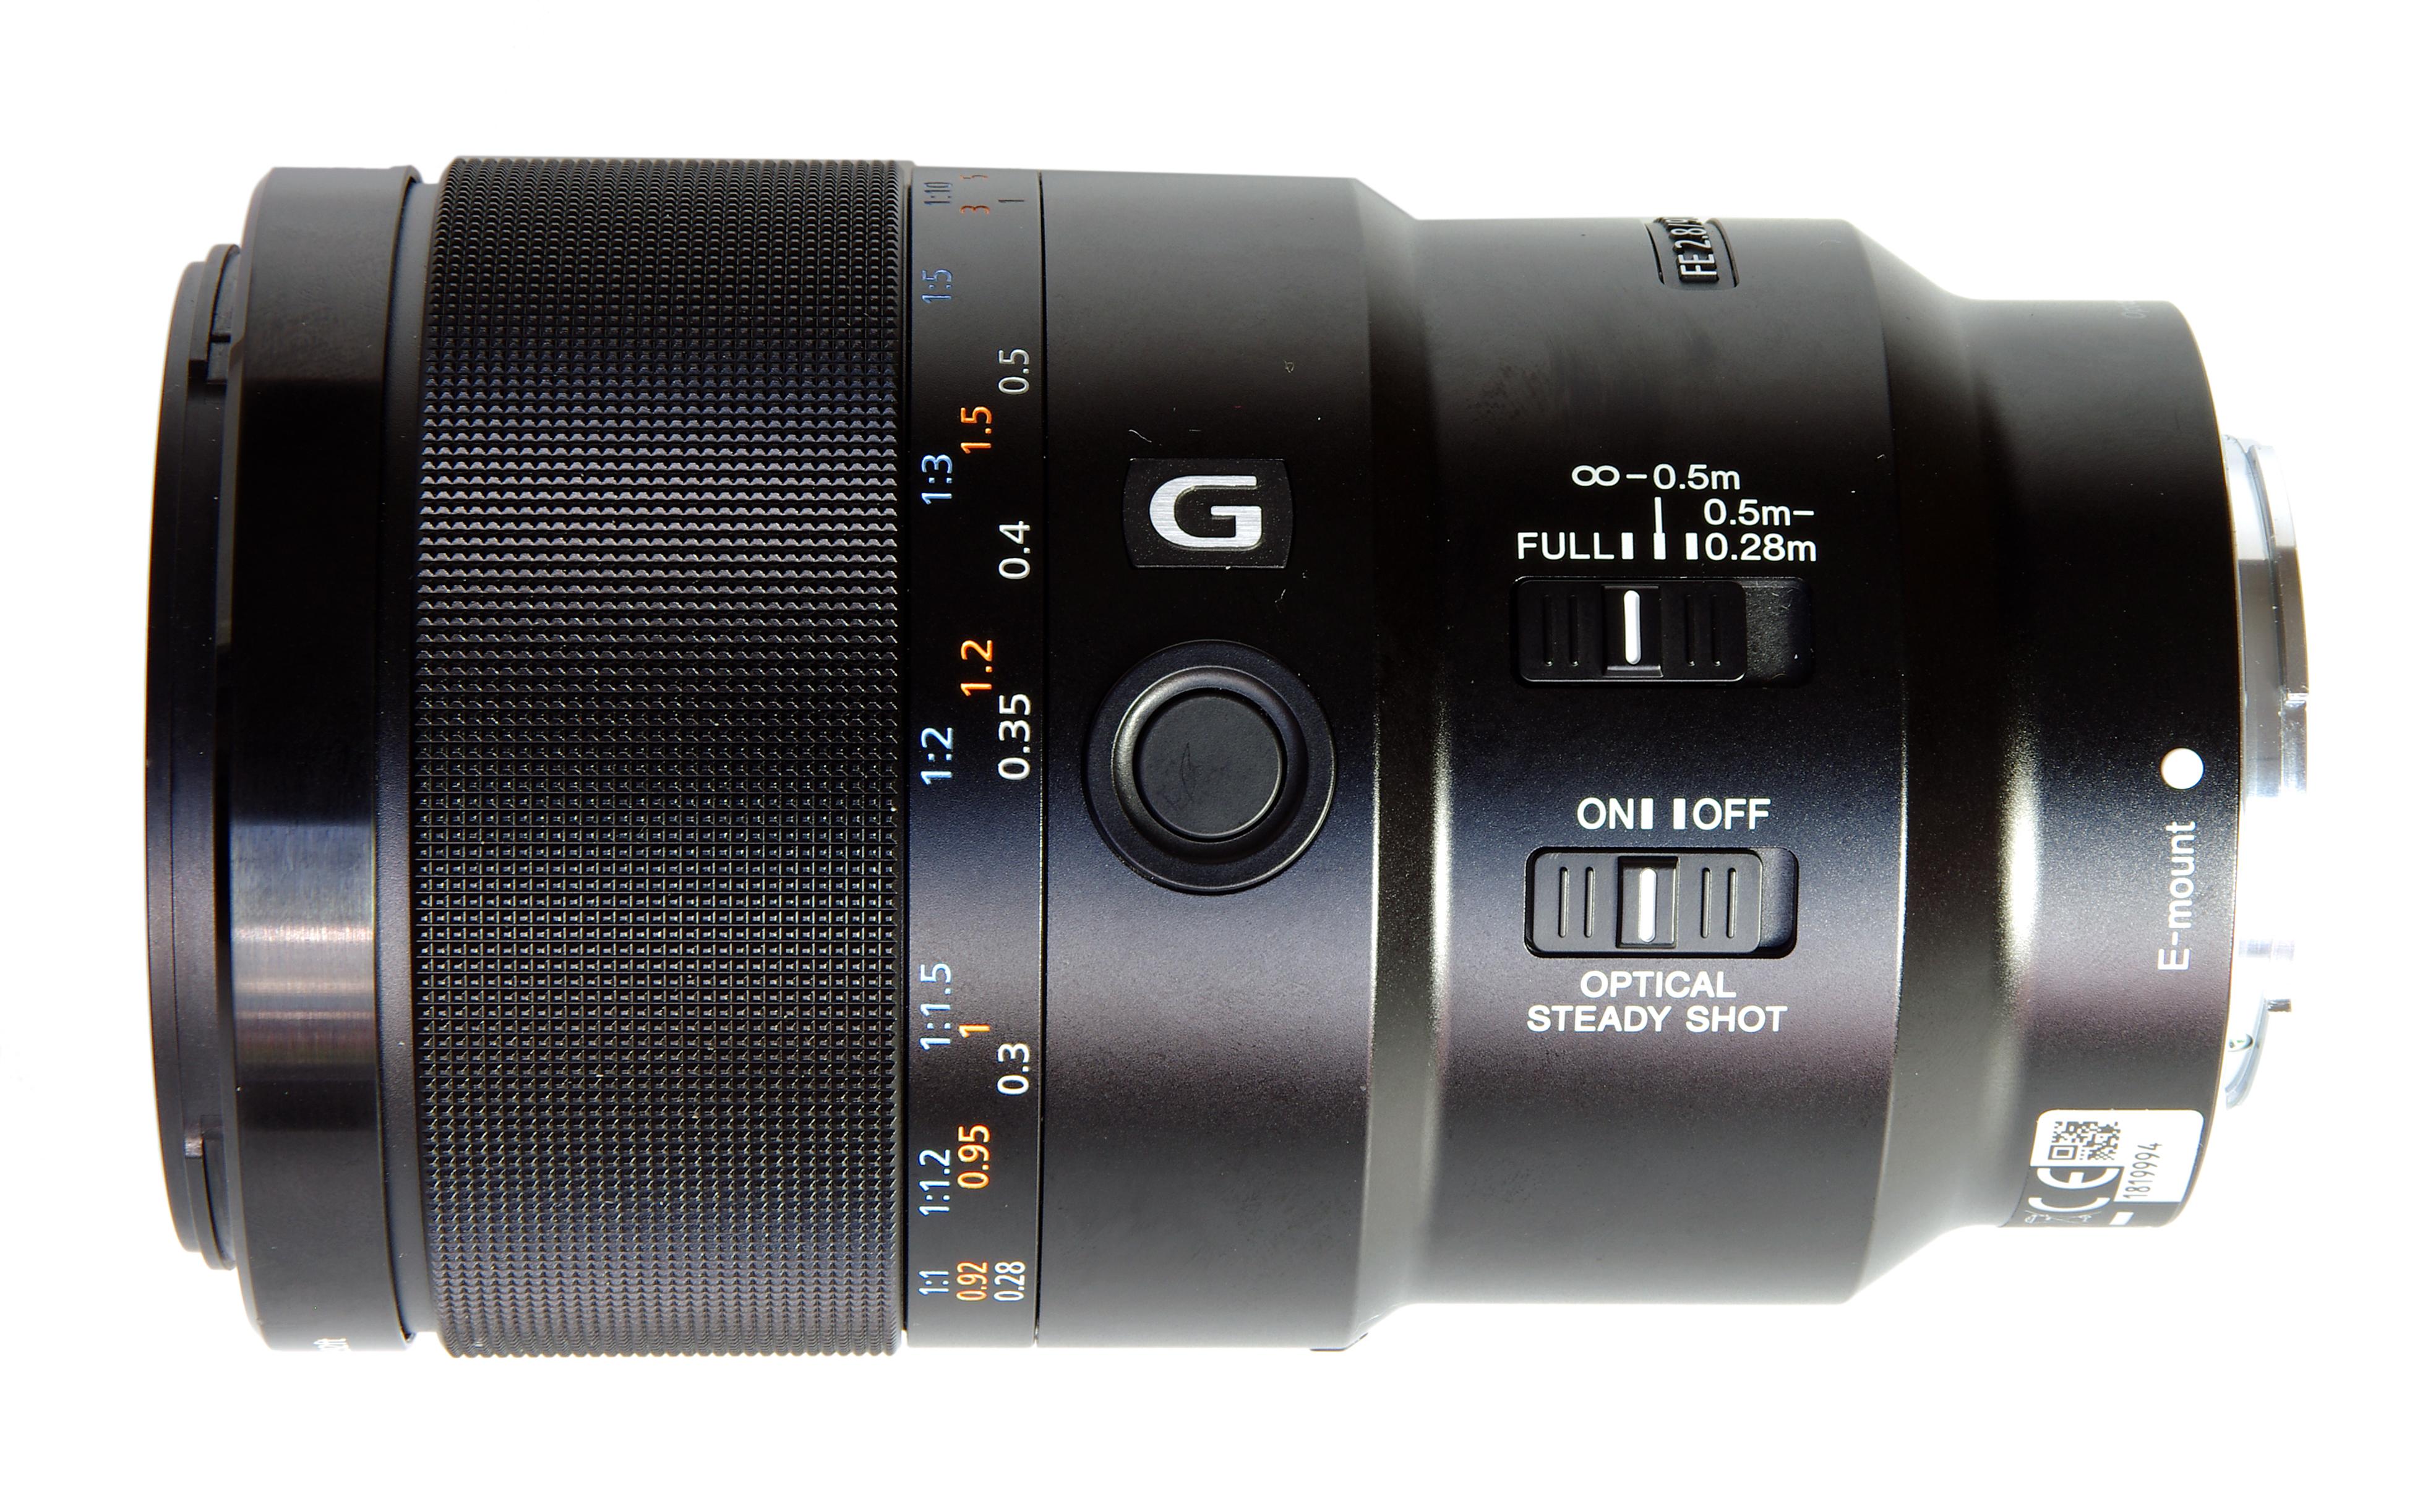 Sony FE 90mm f/2.8 Macro G OSS Review